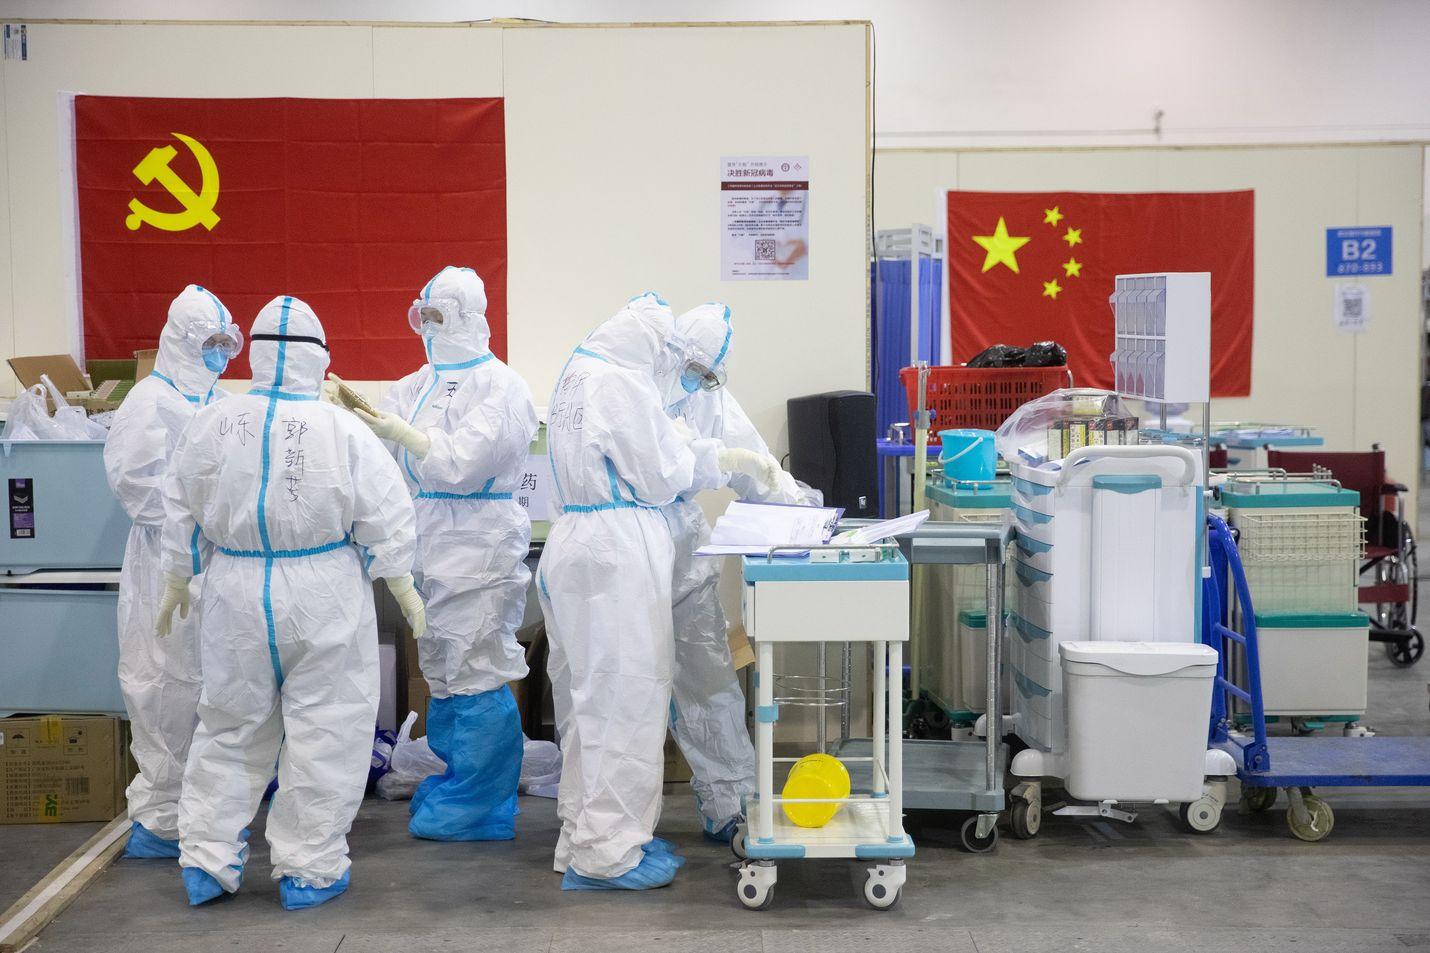 Terveydenhuollon työntekijöitä Wuhaniin koronavirukseen sairastuneiden hoitoa varten rakennetussa sairaalassa.